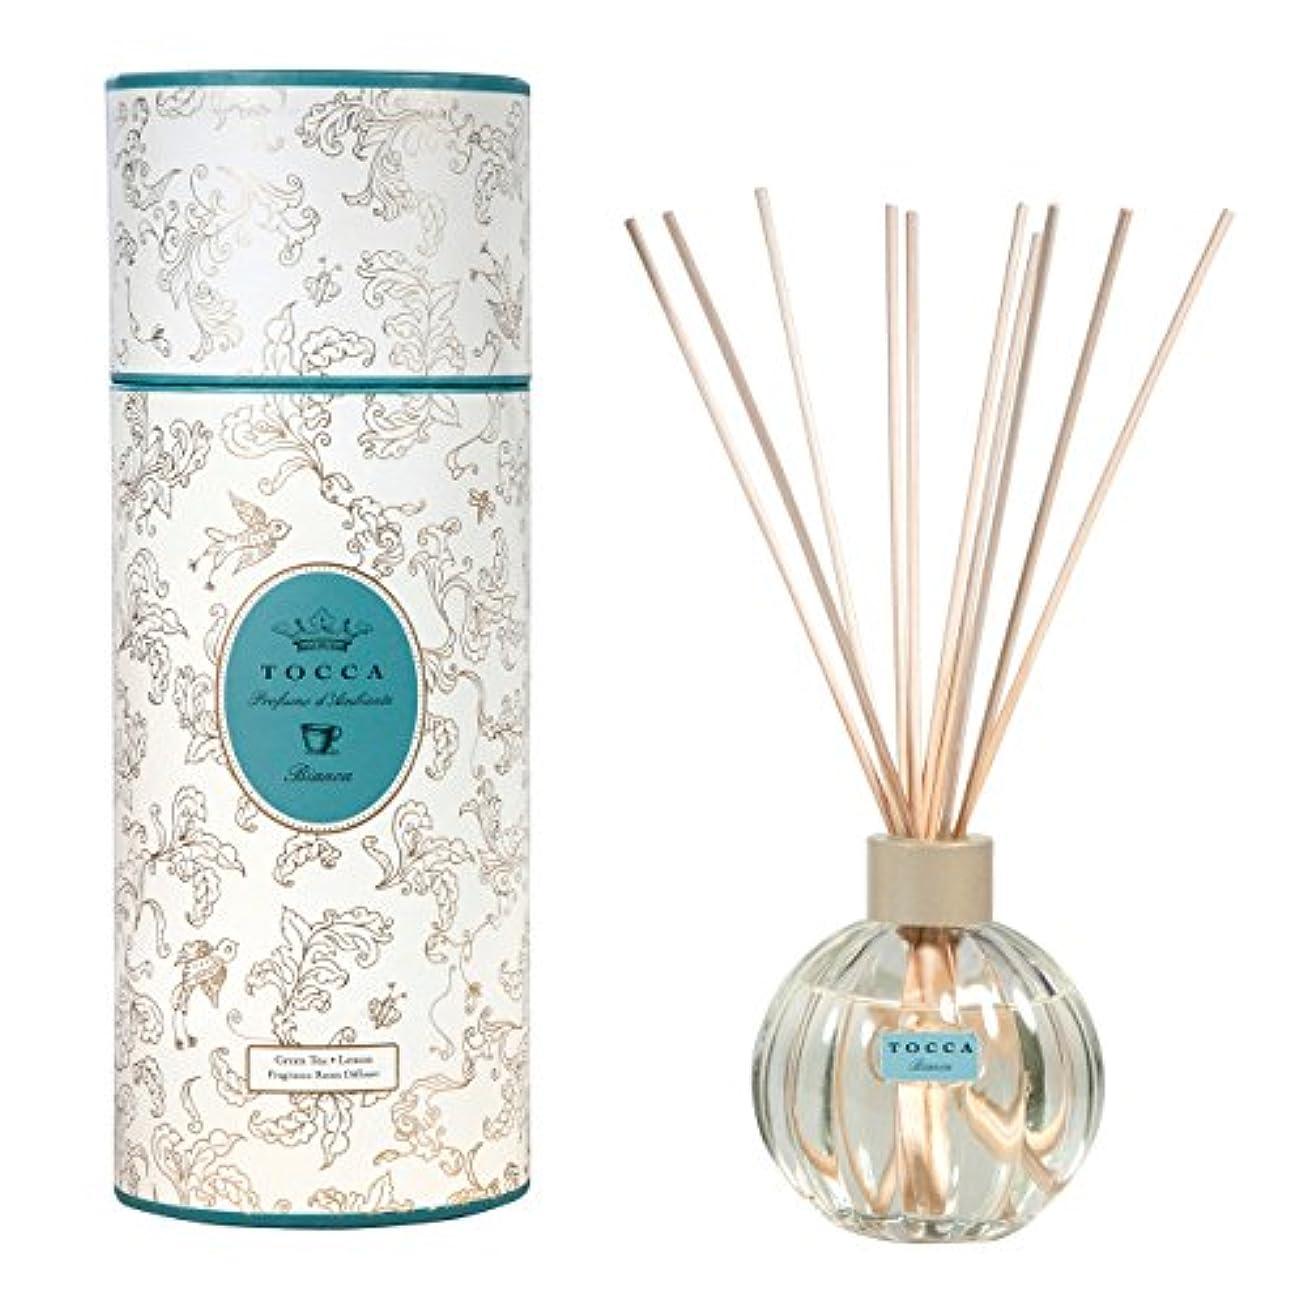 慢性的ビジタースリップトッカ(TOCCA) リードディフューザー ビアンカの香り 175ml 3~4ヶ月持続(芳香剤 ルームフレグランス シトラスとグリーンティー、ローズが絶妙に溶け合ったほのかに甘さ漂うフレッシュな香り)